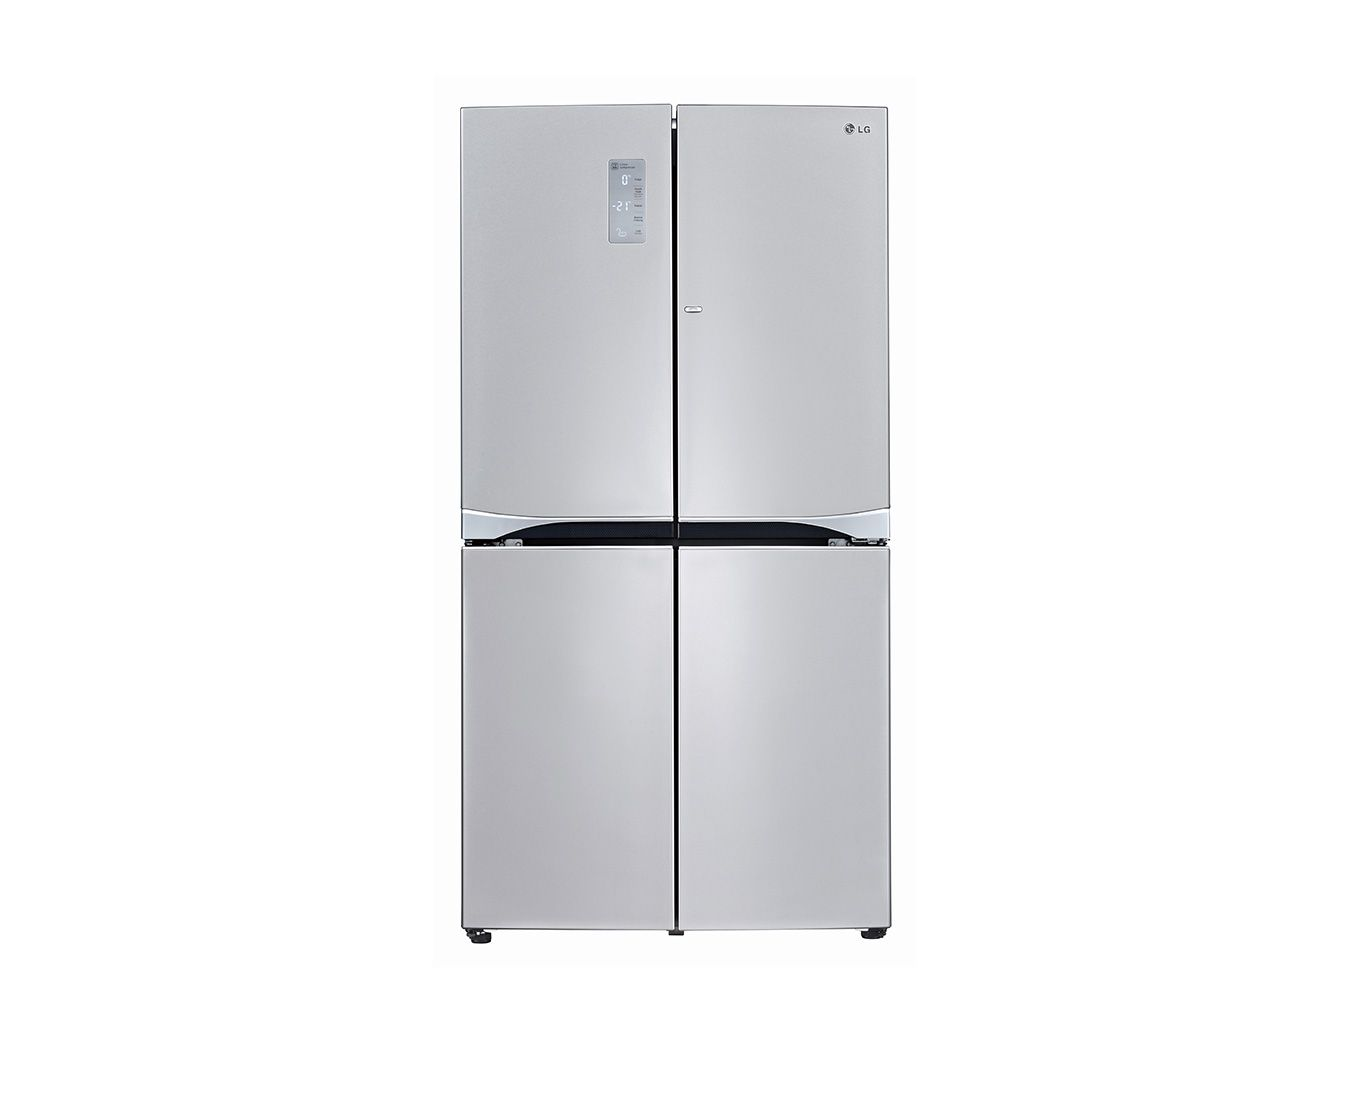 Lg Amerikanischer Kühlschrank Preis : Lg gmm916nshv side by side kühlschrank gadgets und zeugs